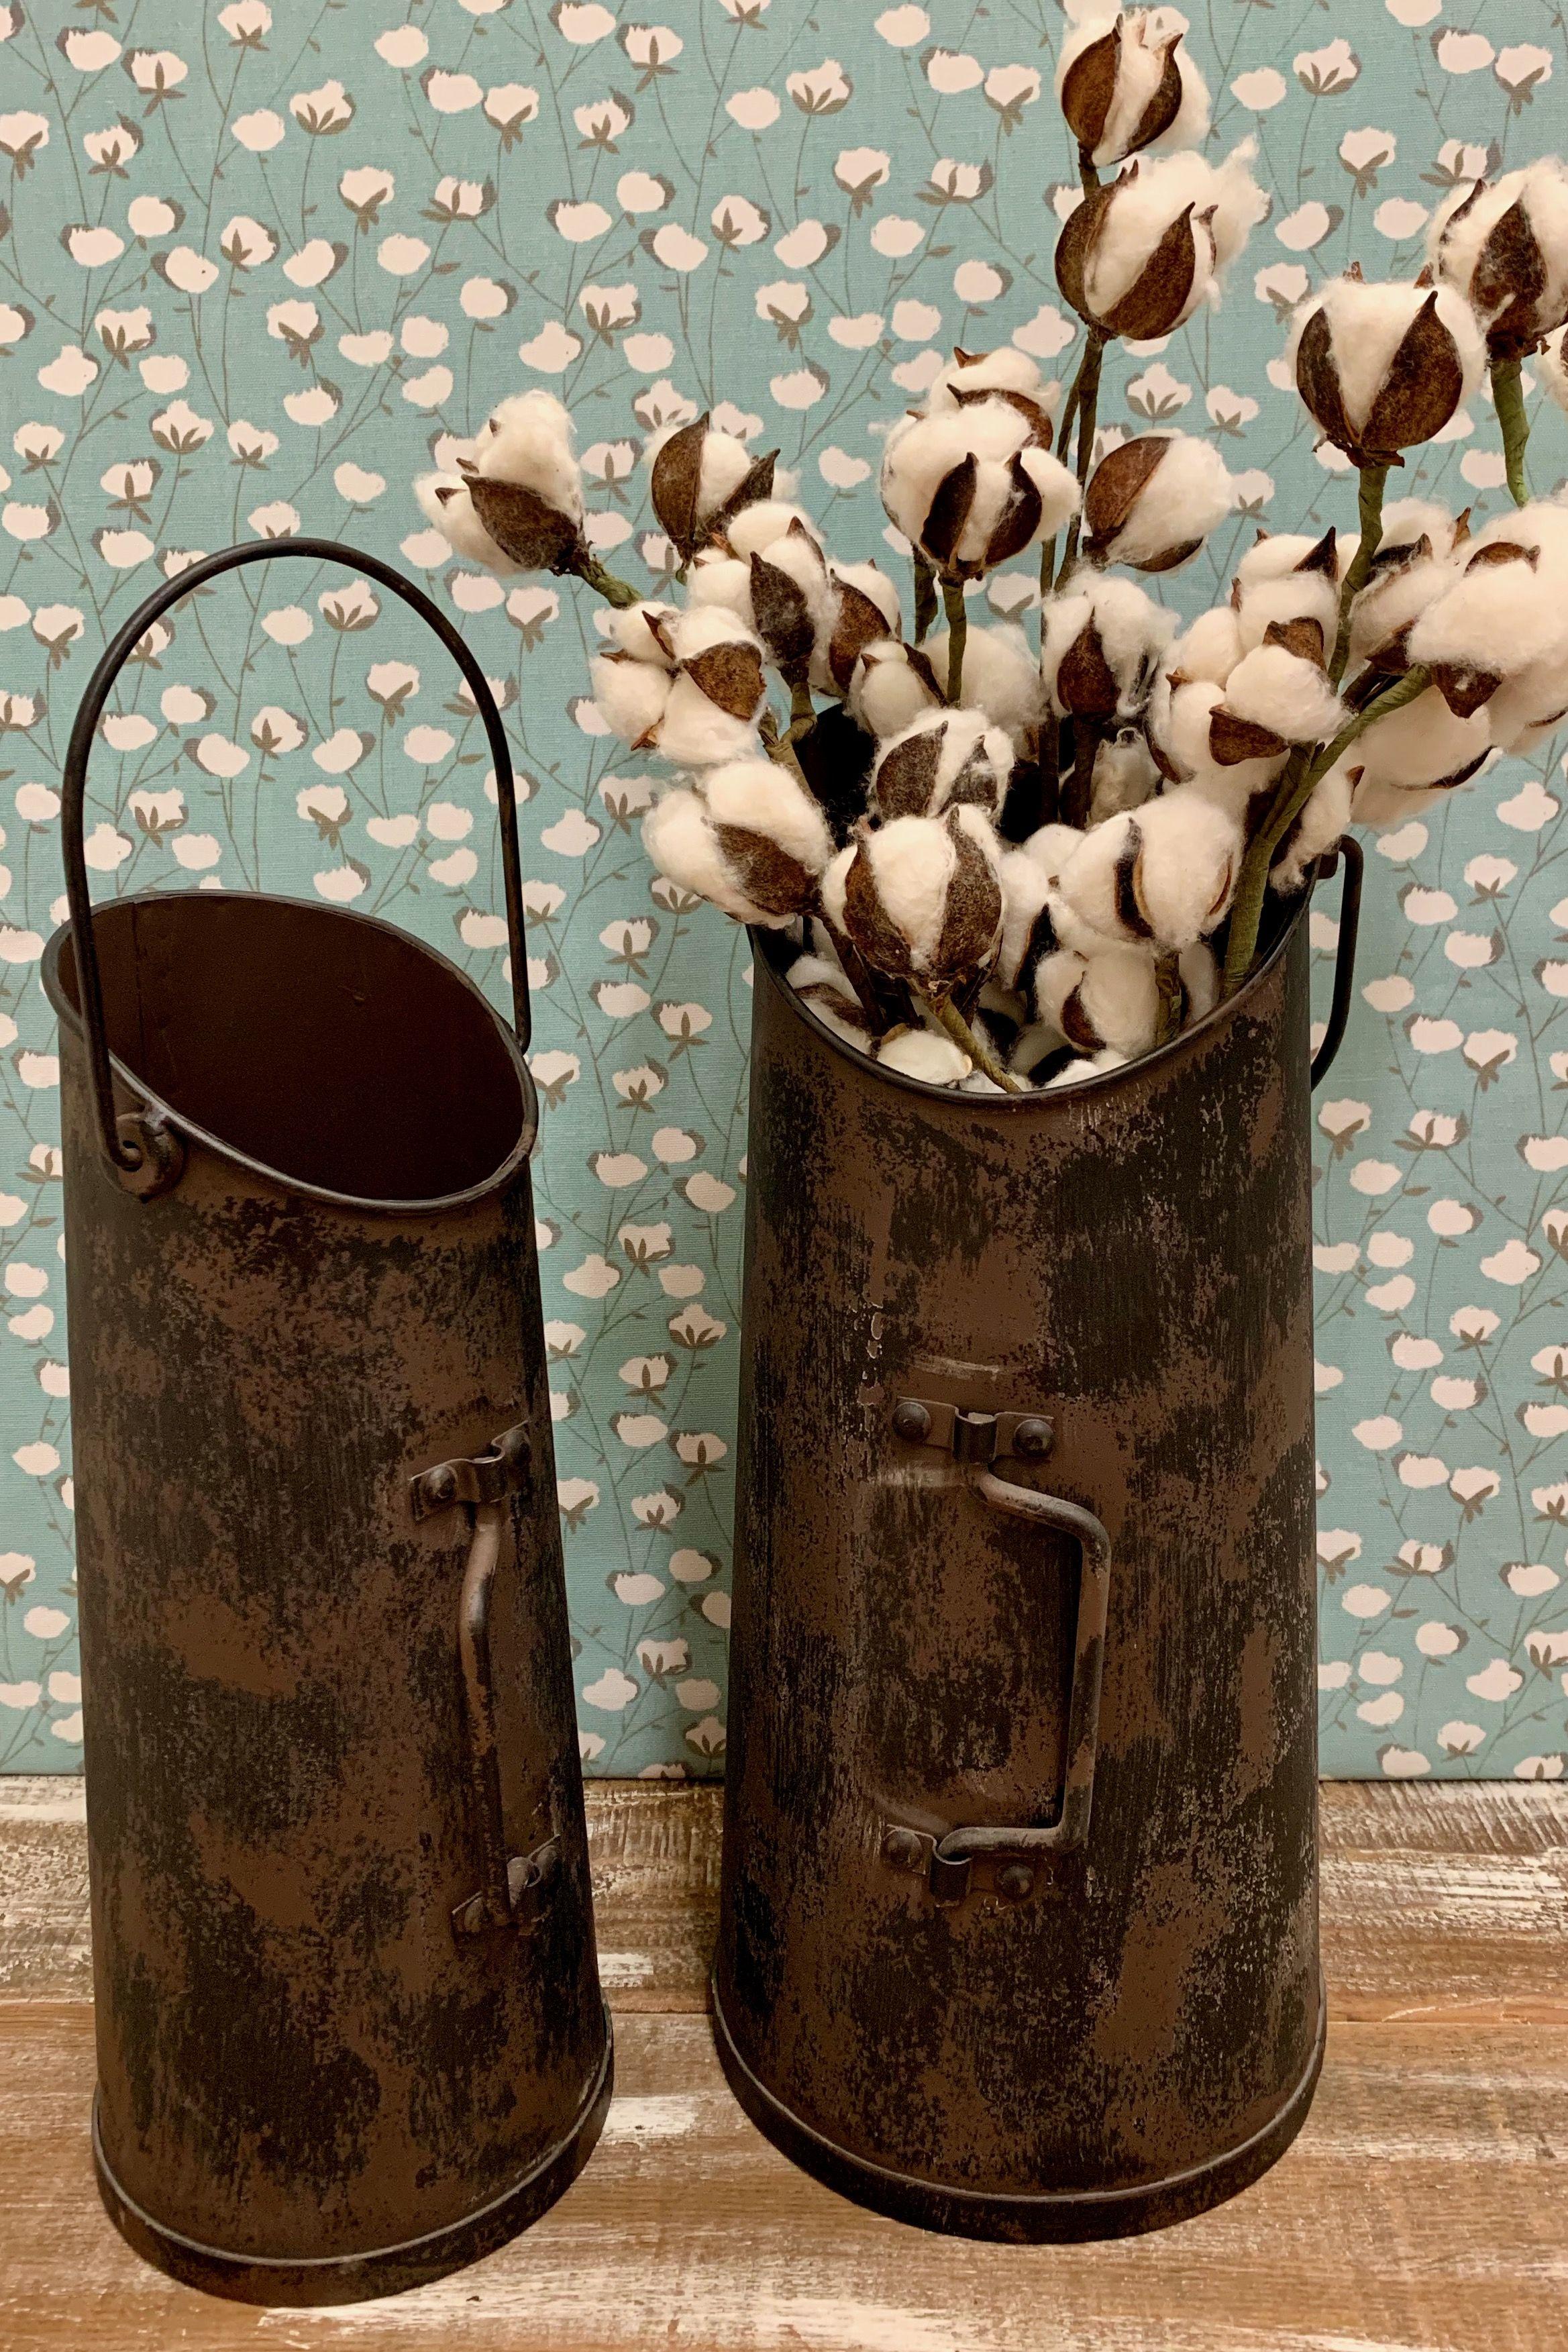 Metal Flower Buckets In 2020 Metal Flowers Metal Flower Pots Metal